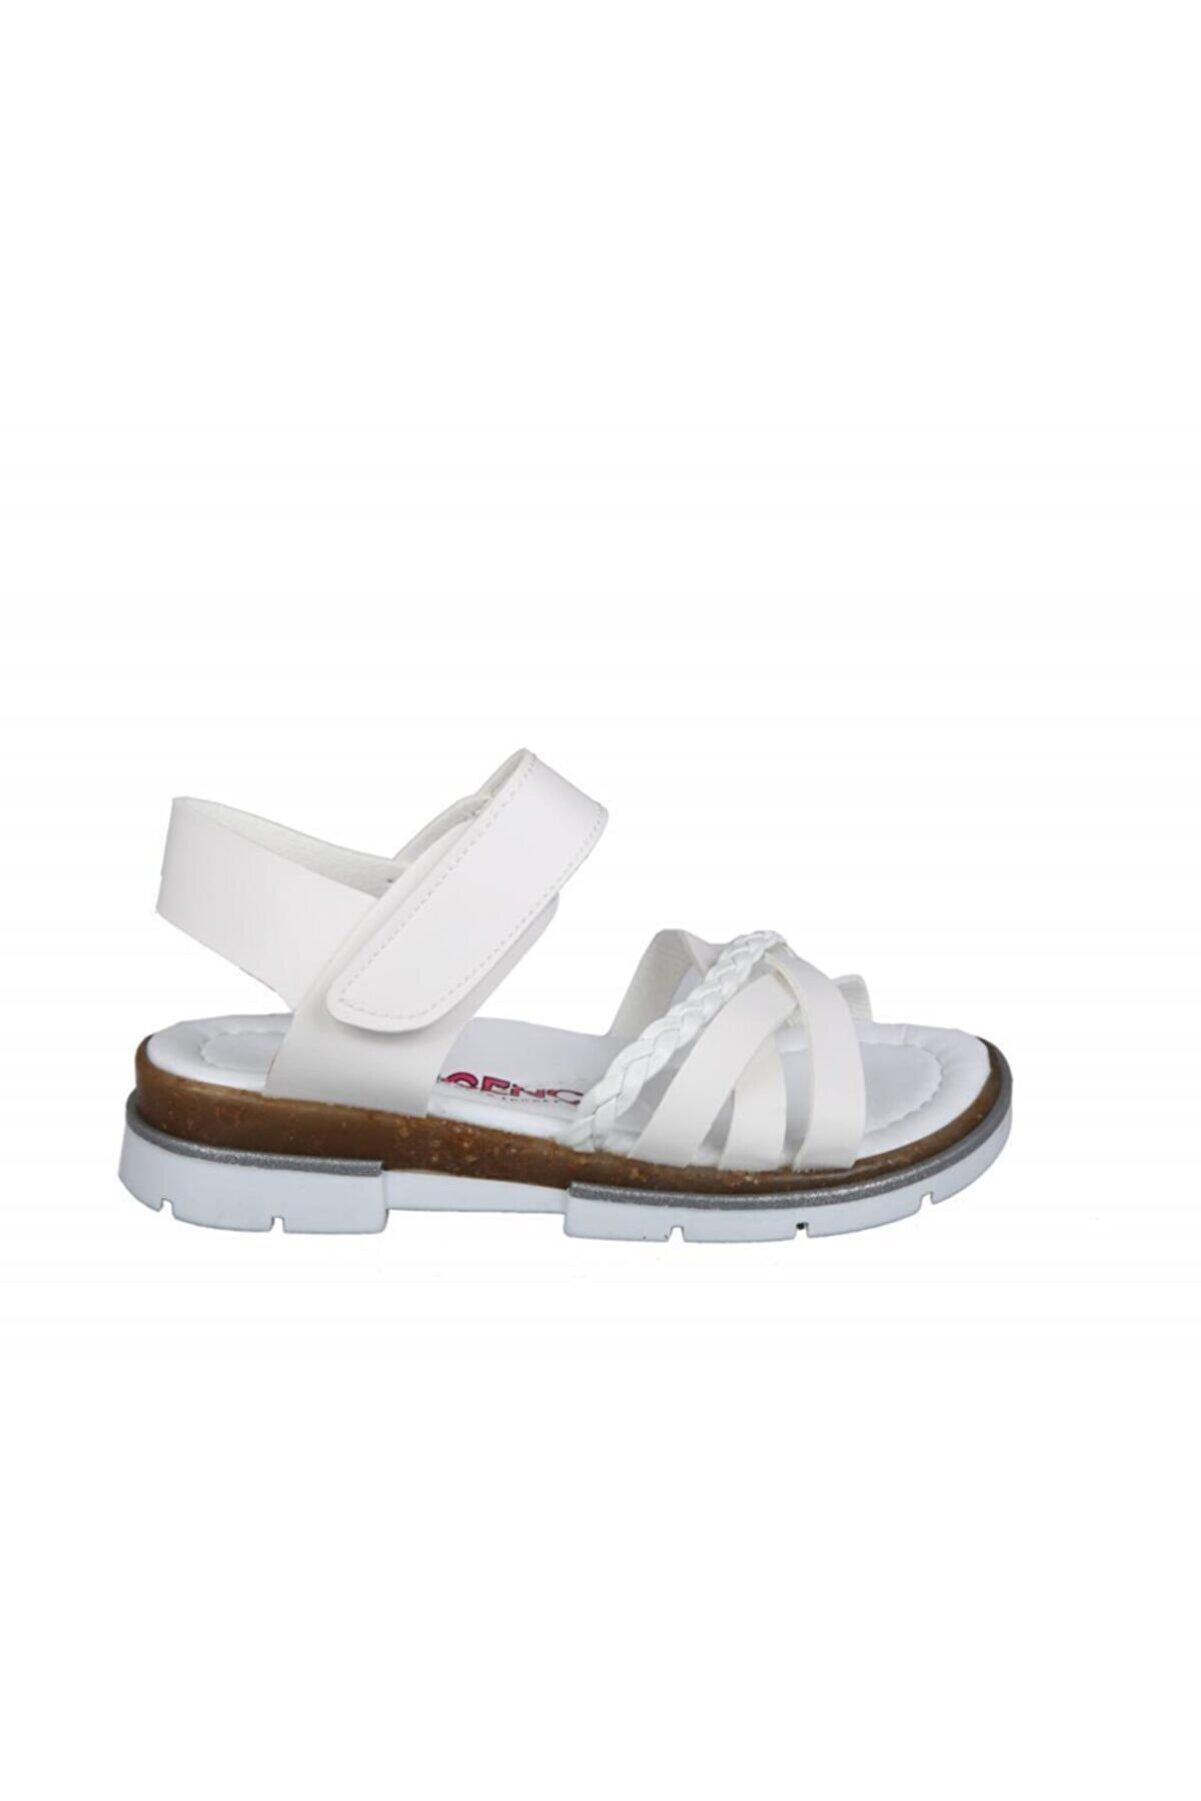 Şirin Bebe 201-4 (31-36 Arası) Ortopedik Beyaz Çocuk Sandalet